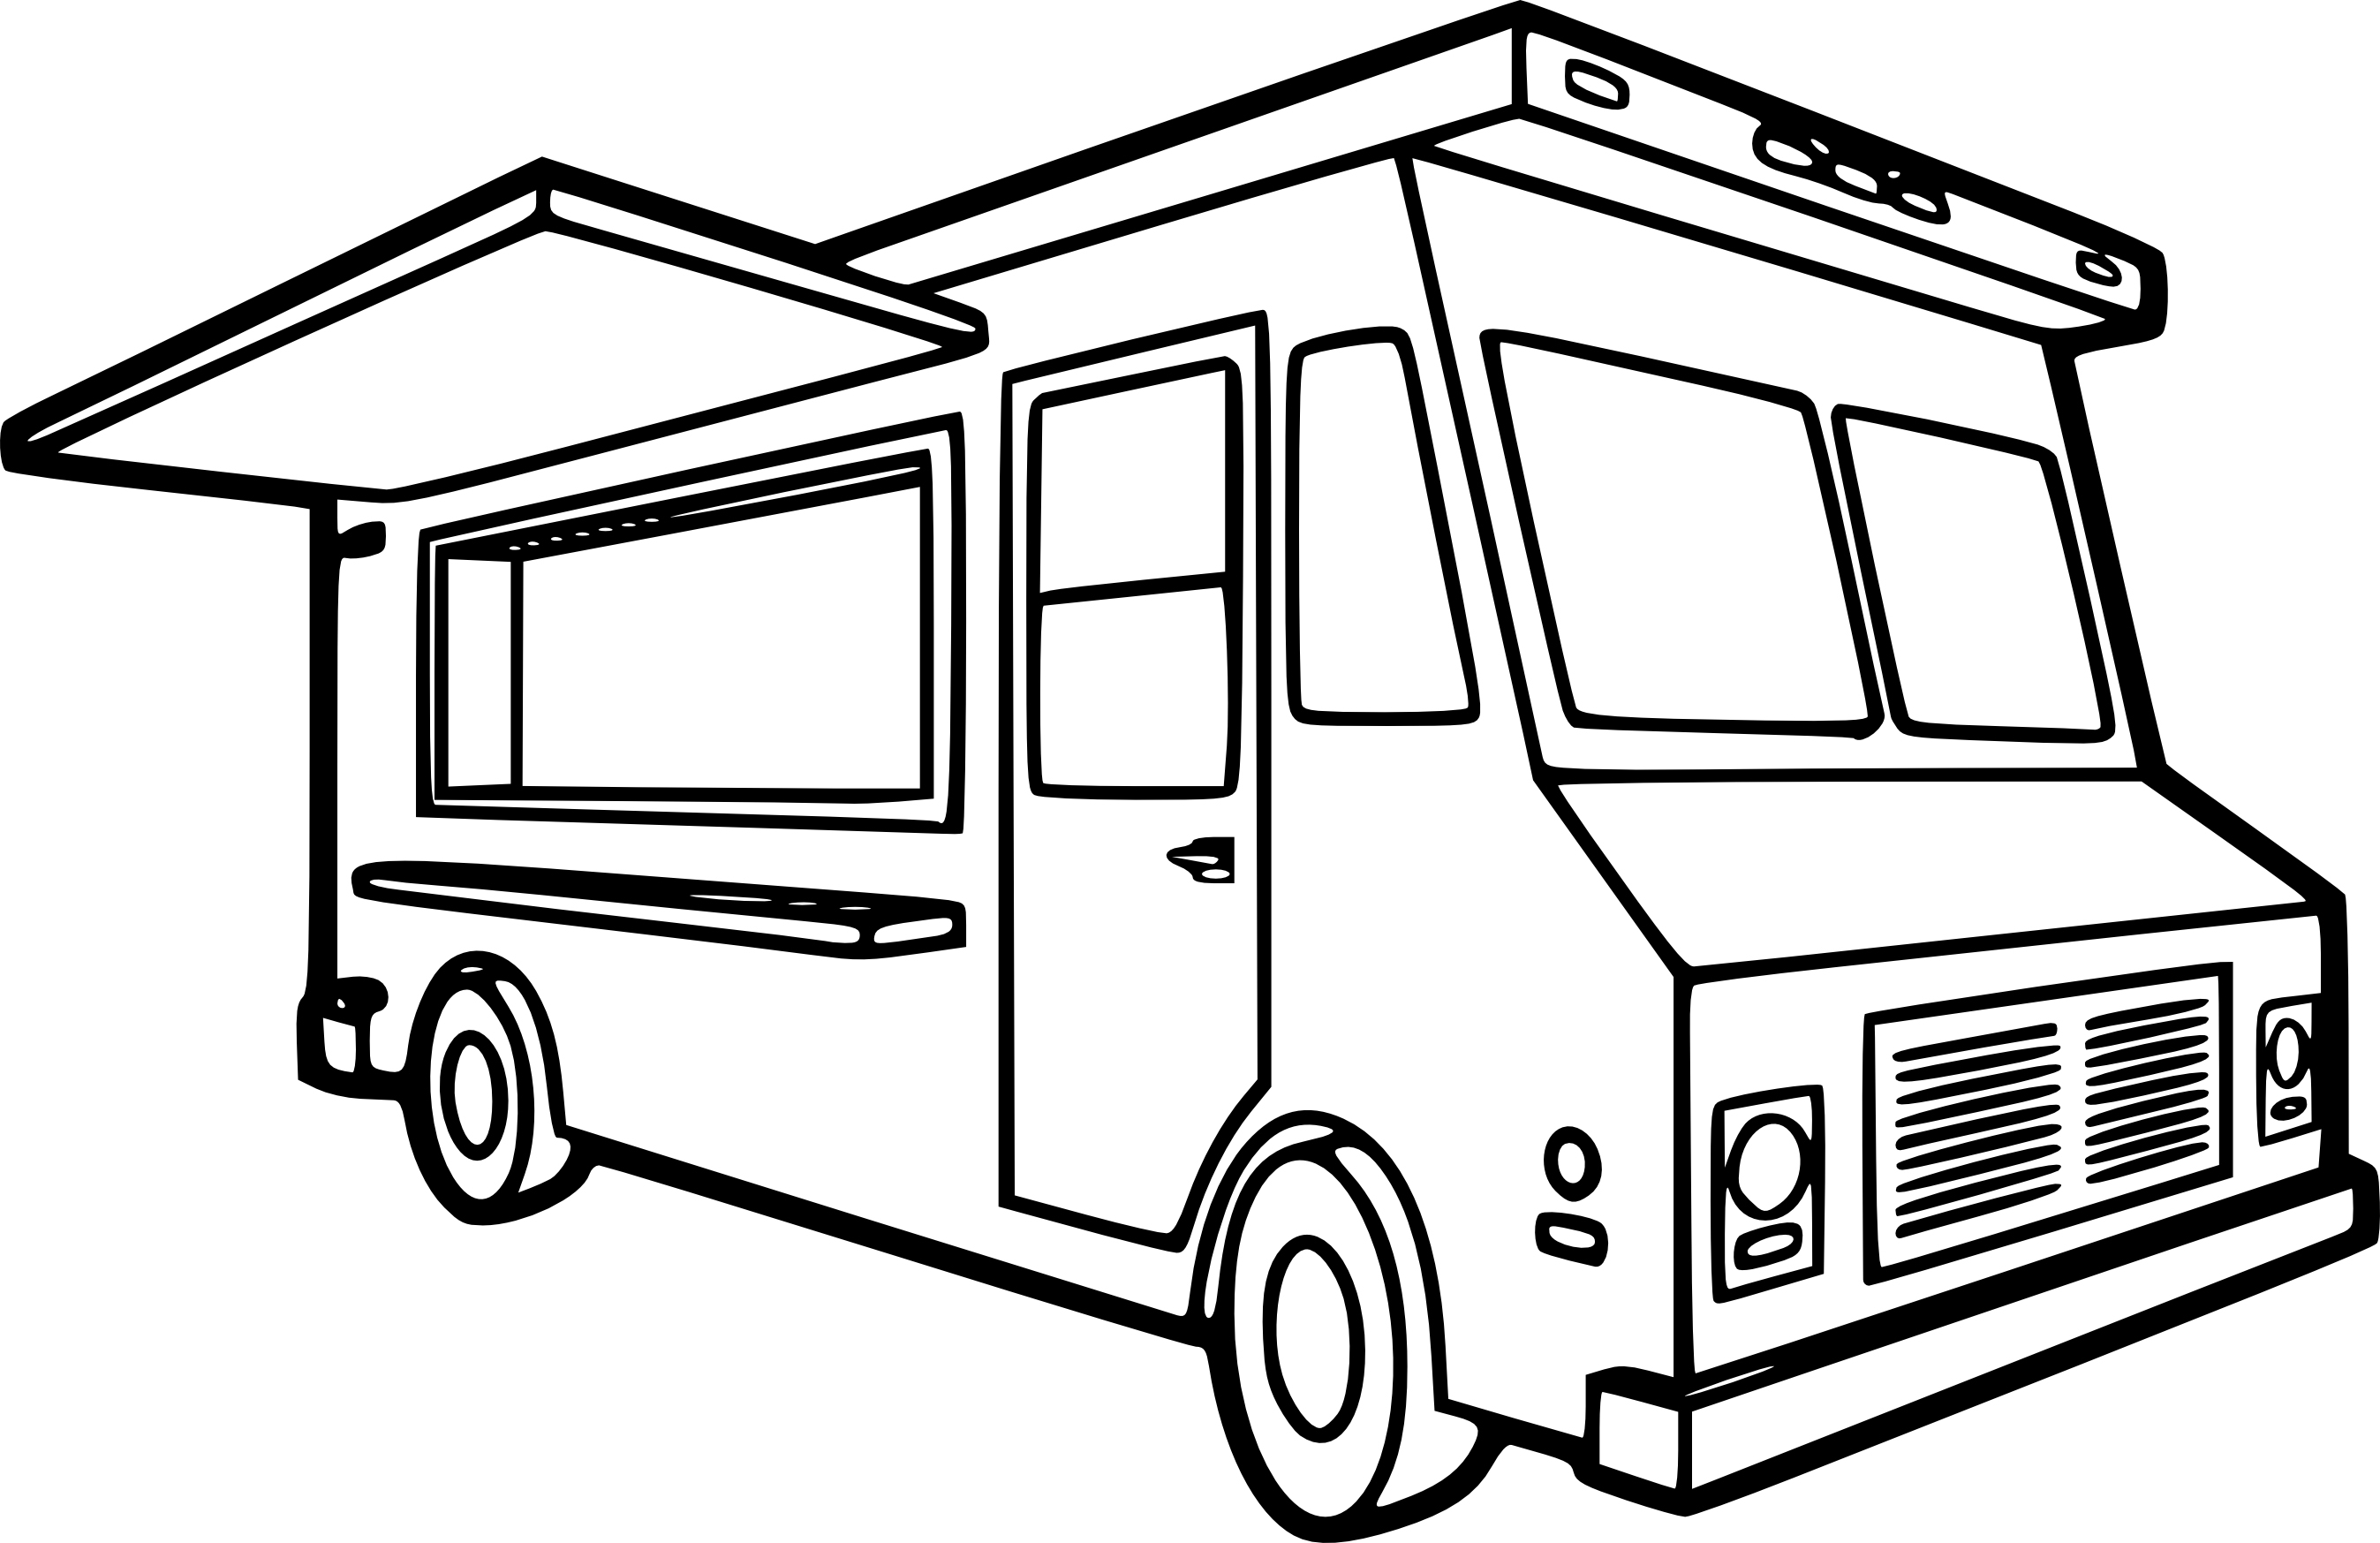 Coloriage Camping Car À Imprimer tout Dessin A Imprimer Gratuit Cars